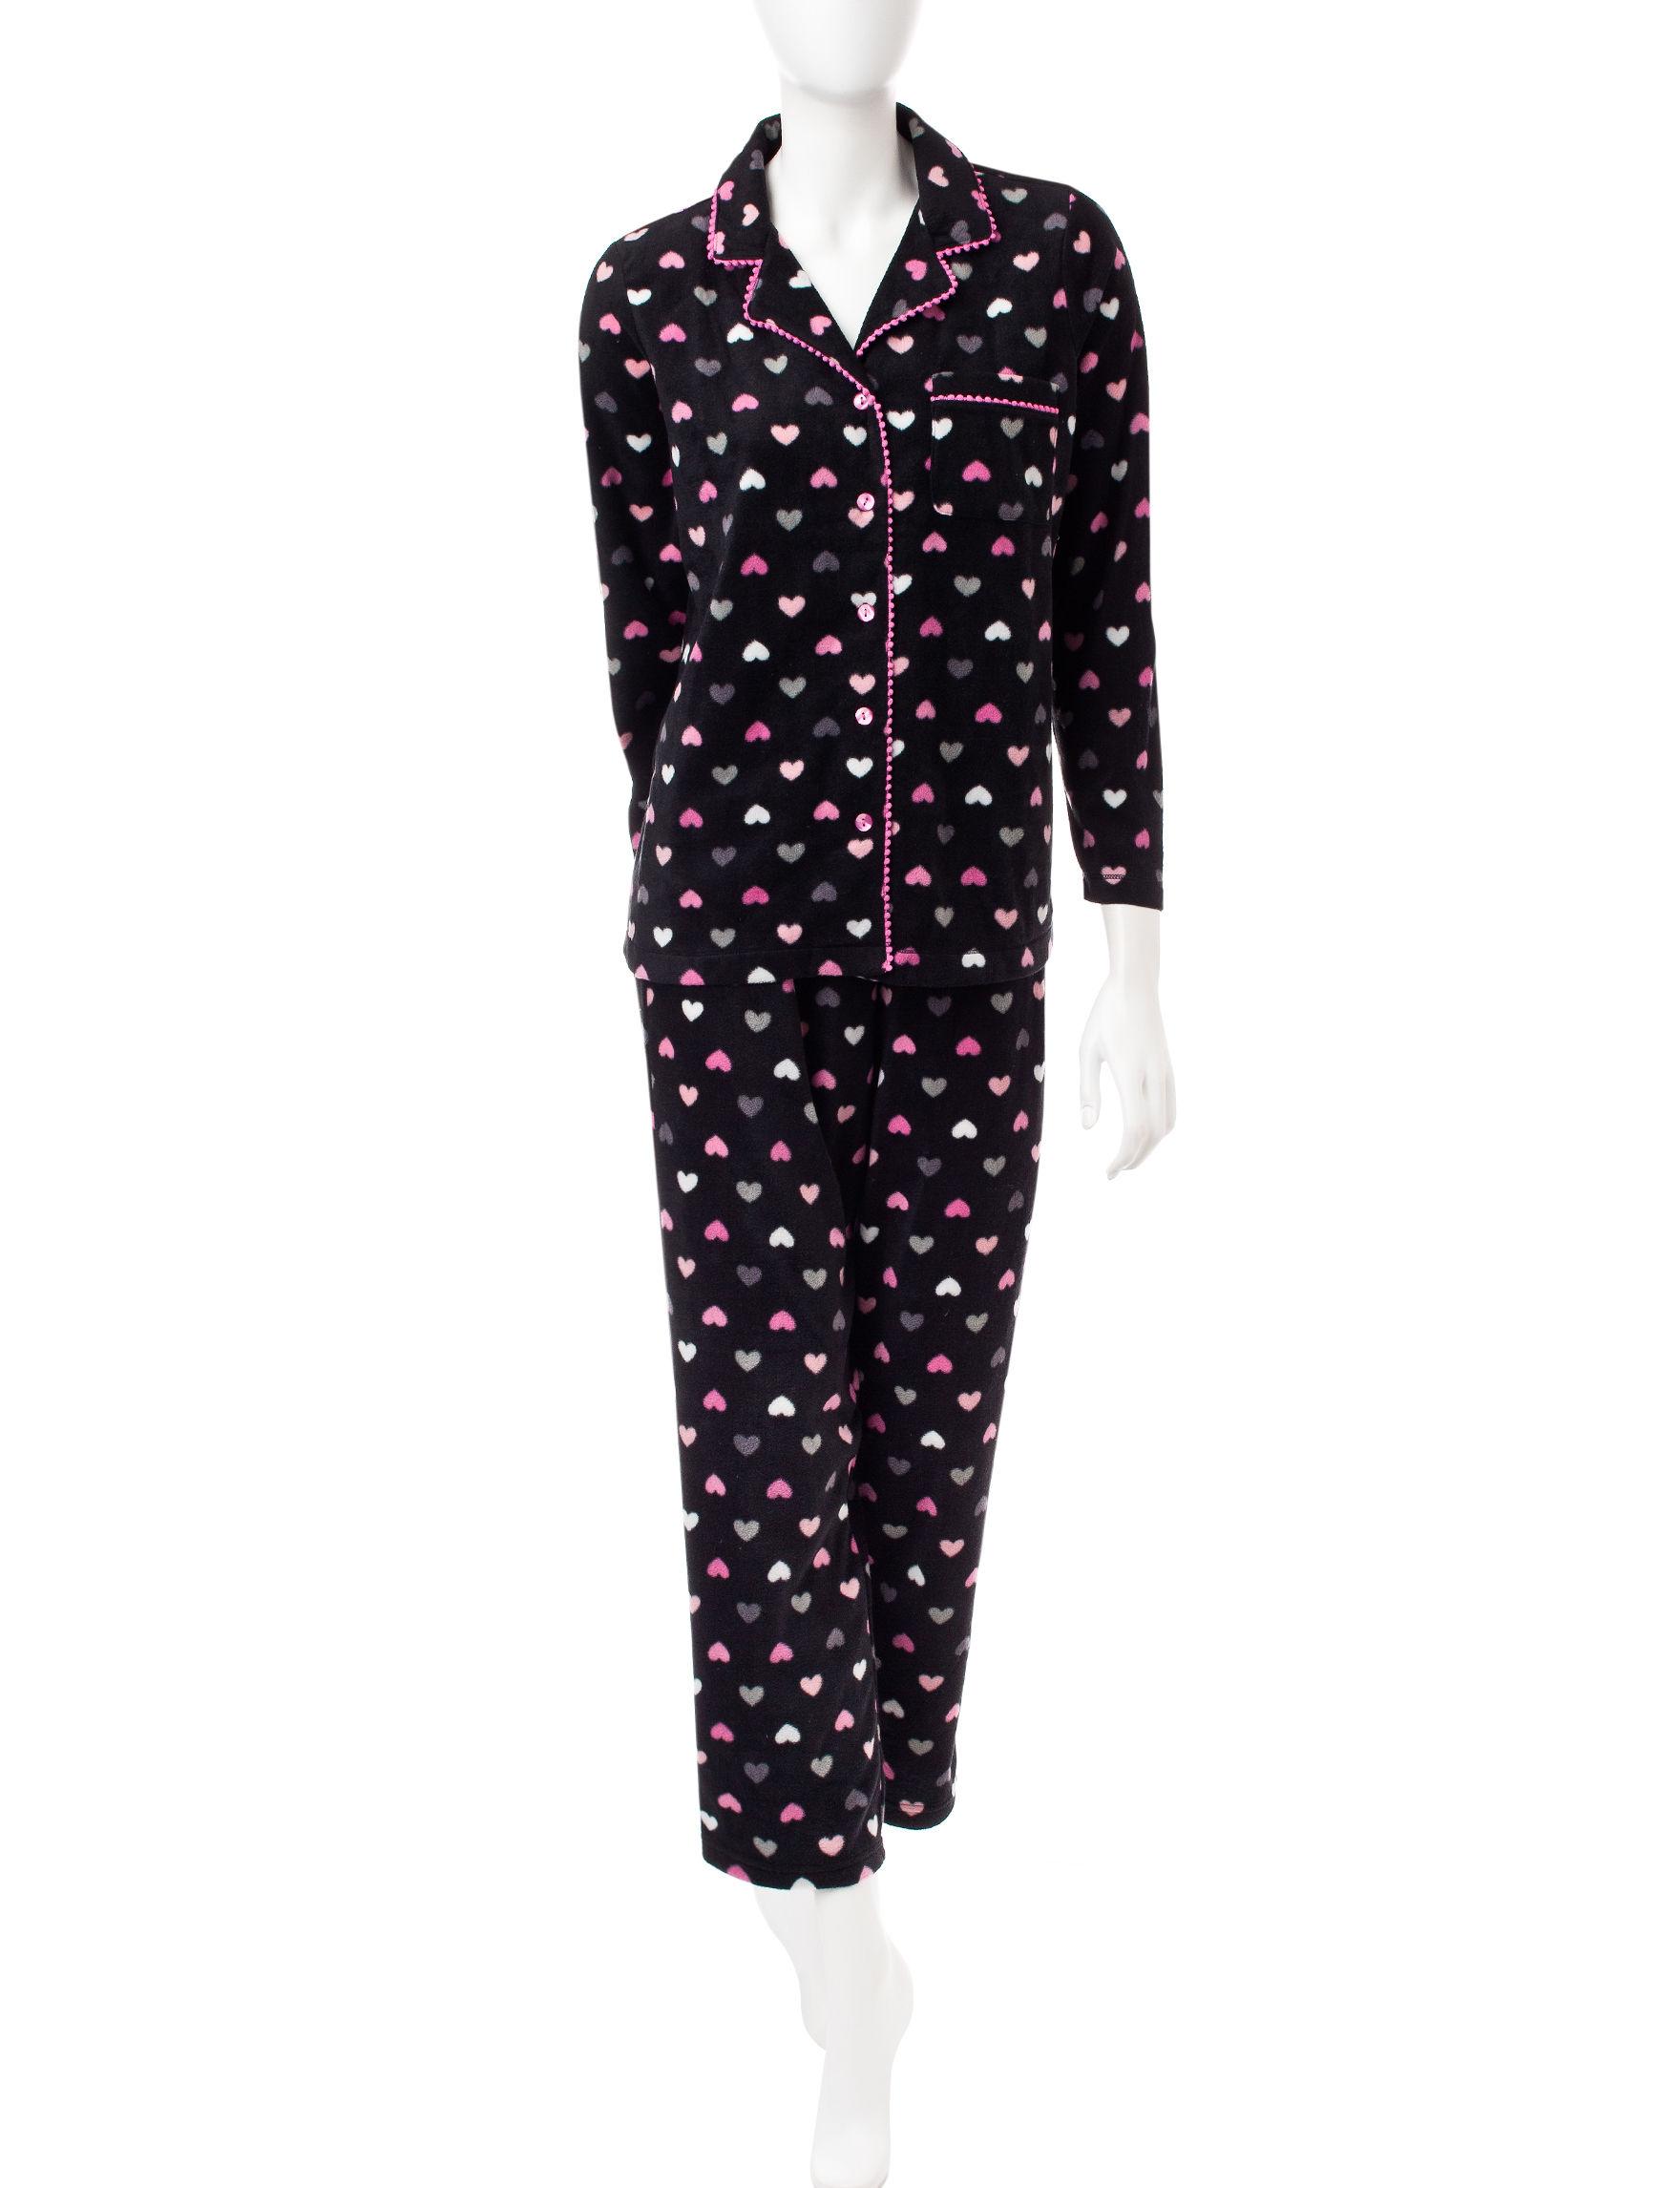 Pillow Talk Hearts Pajama Sets